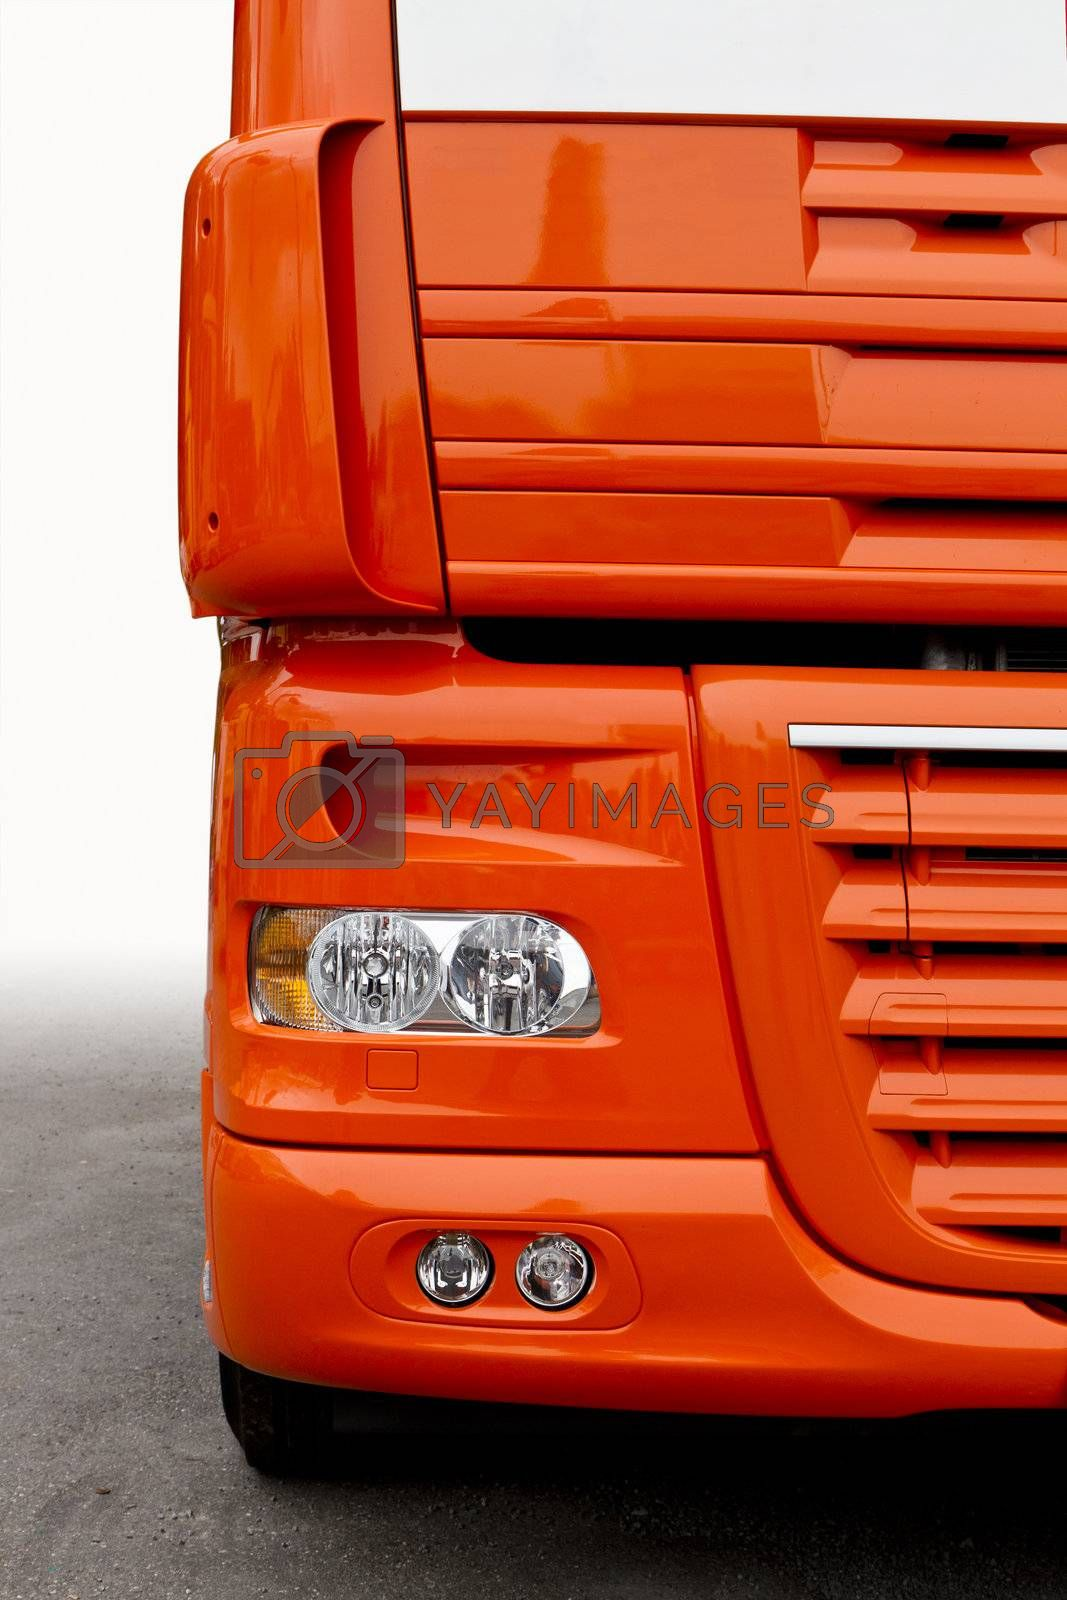 front of orange truck